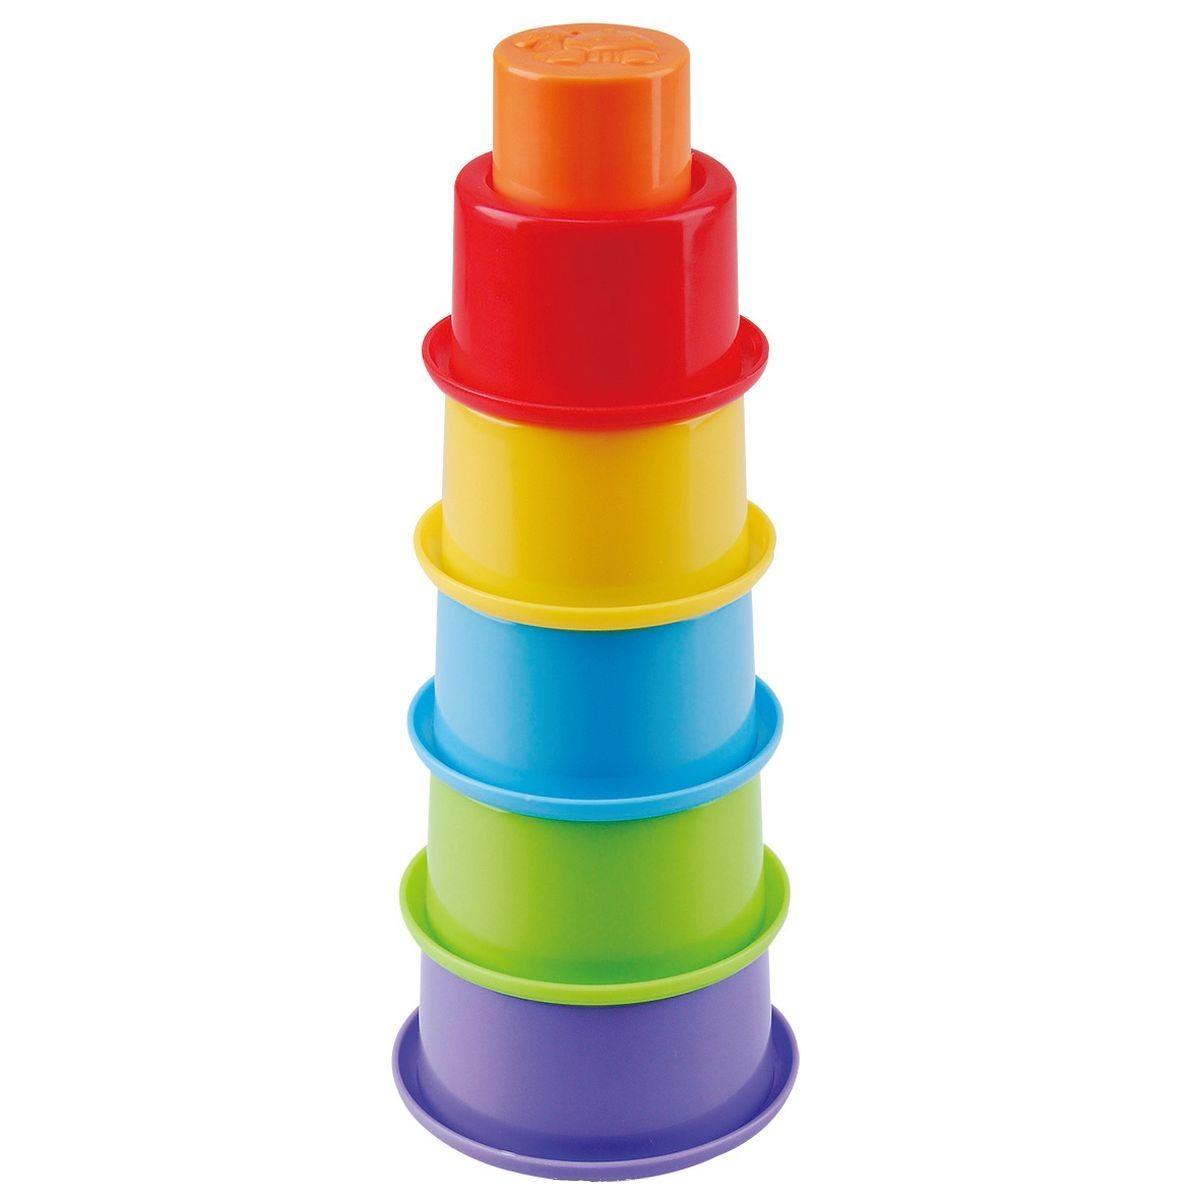 Развивающая игрушка - ПирамидаСортеры, пирамидки<br>Развивающая игрушка - Пирамида<br>